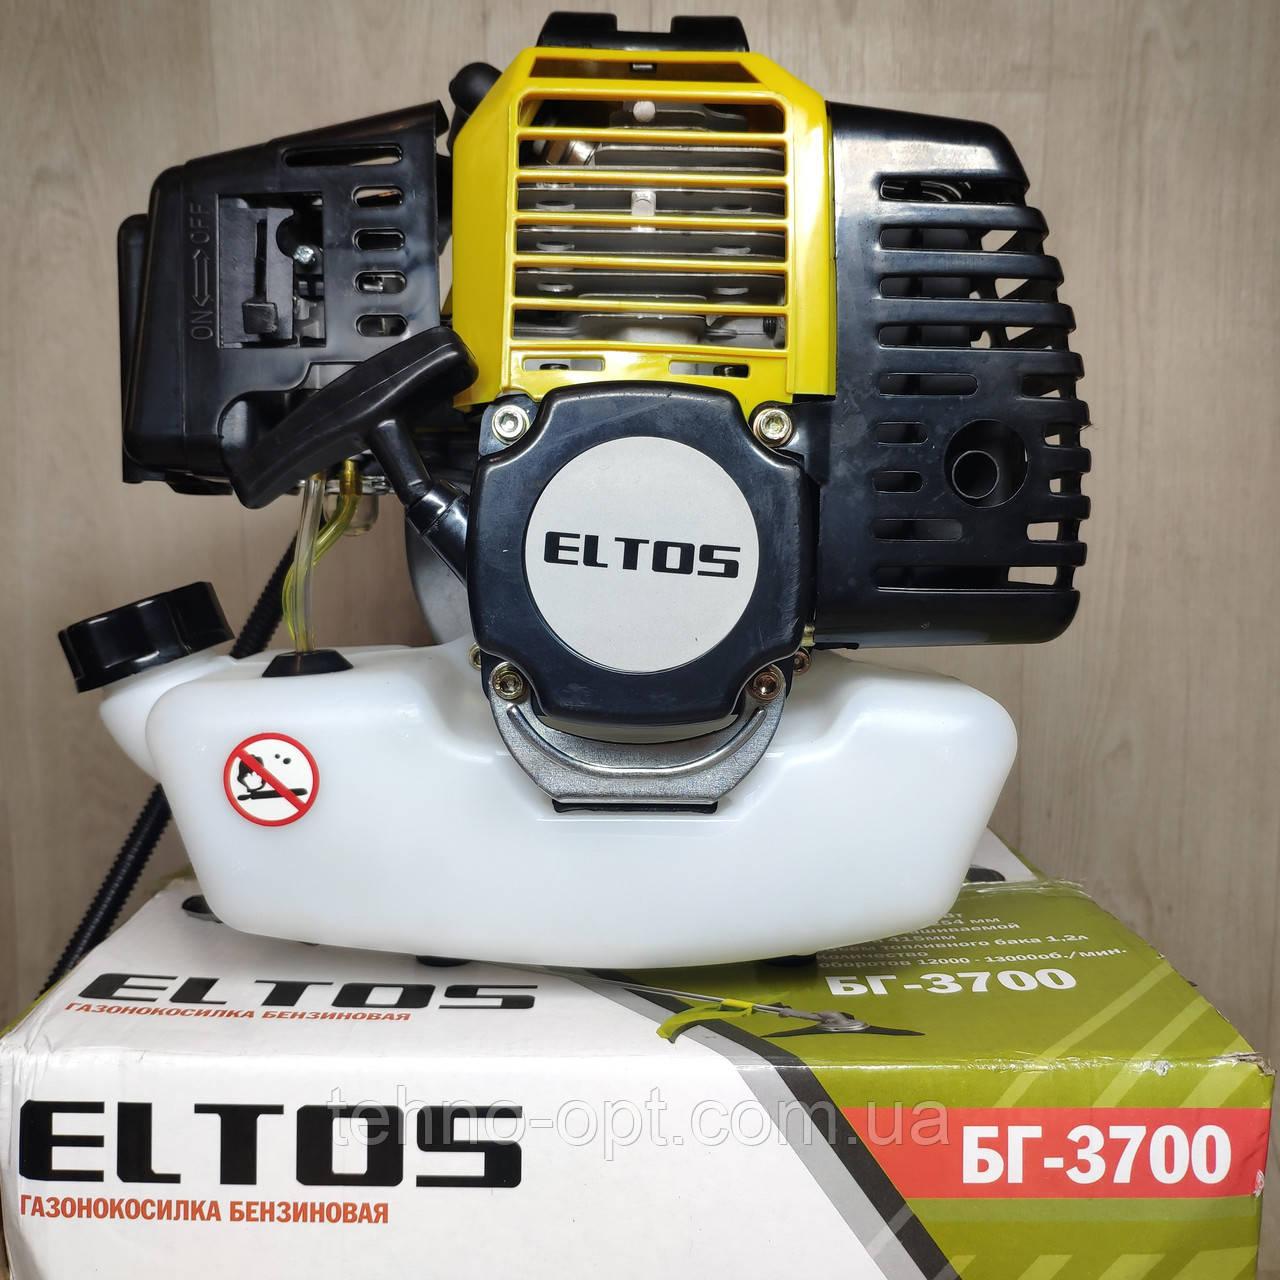 Бензокоса Eltos БГ-3700 мотокоса